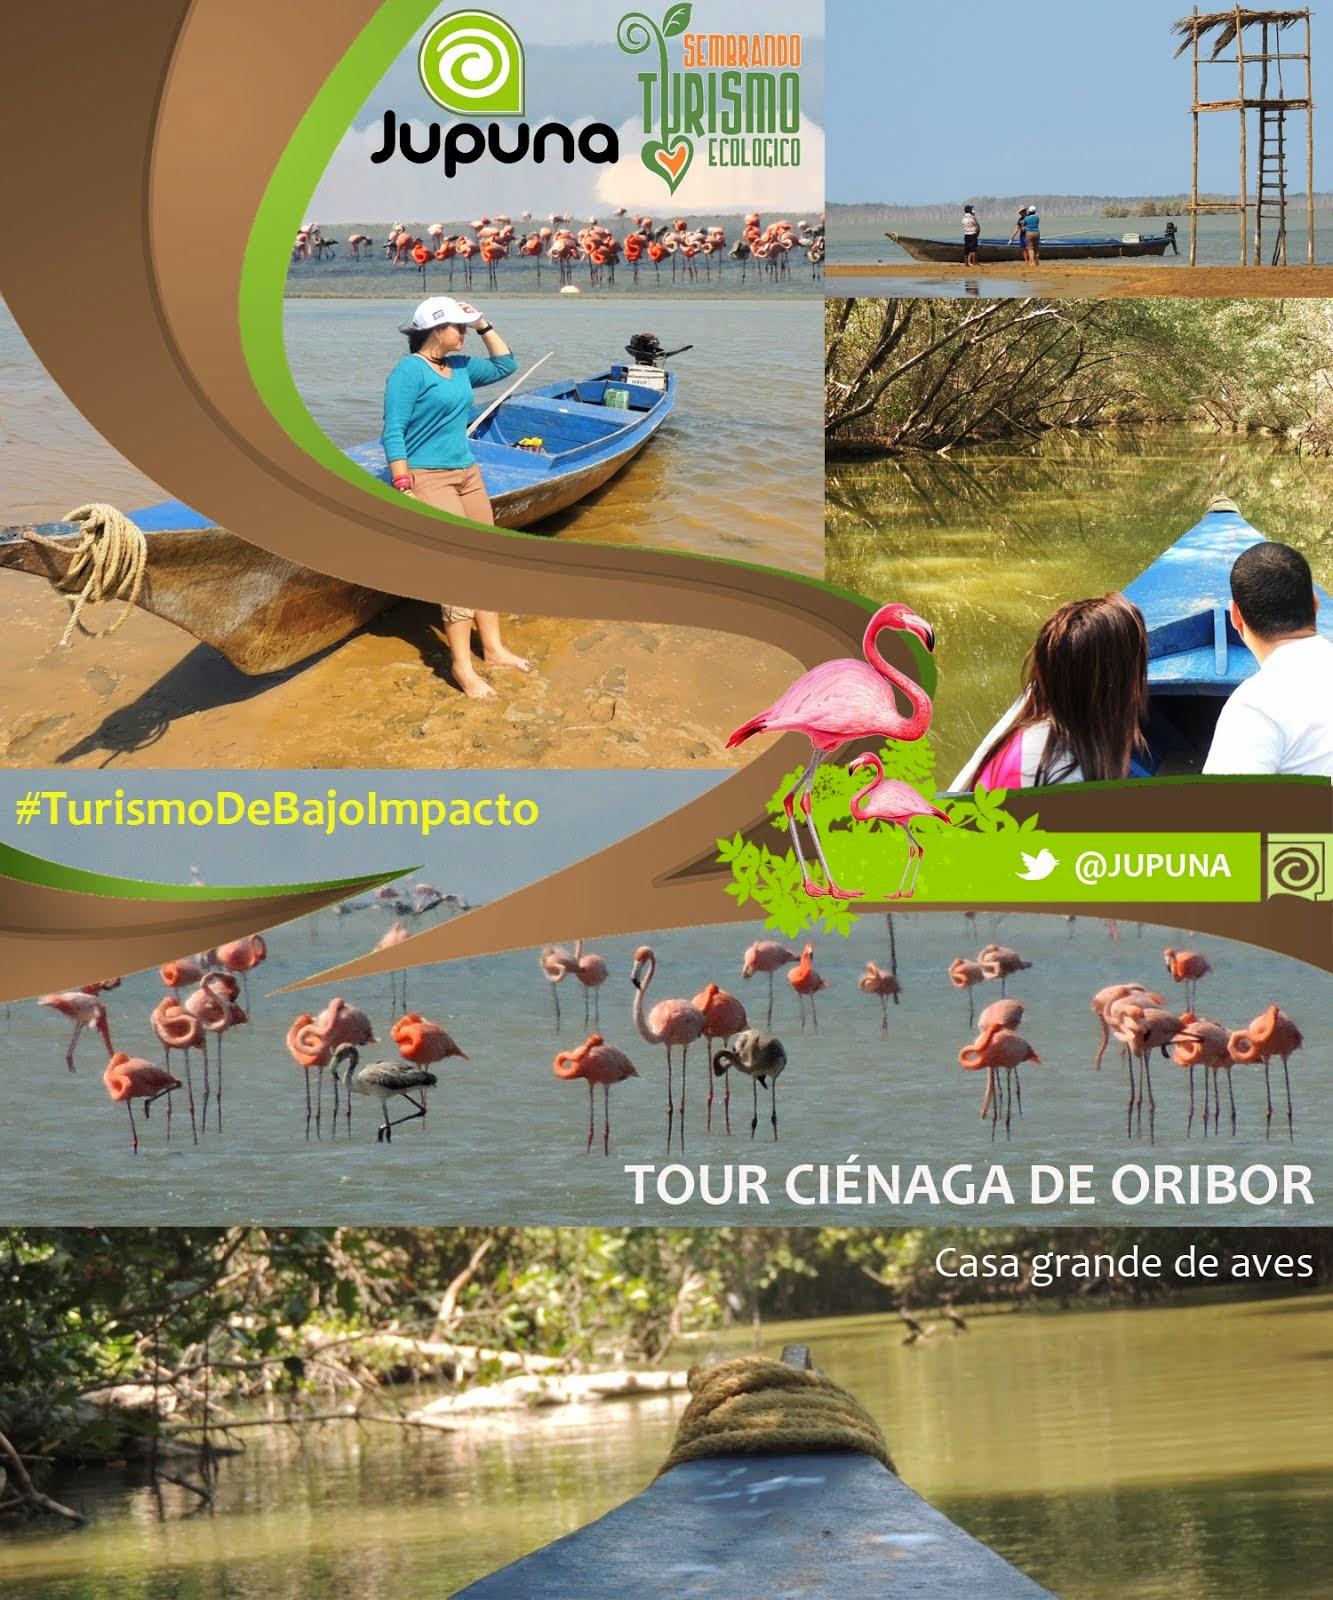 TOUR CIÉNAGA DE ORIBOR